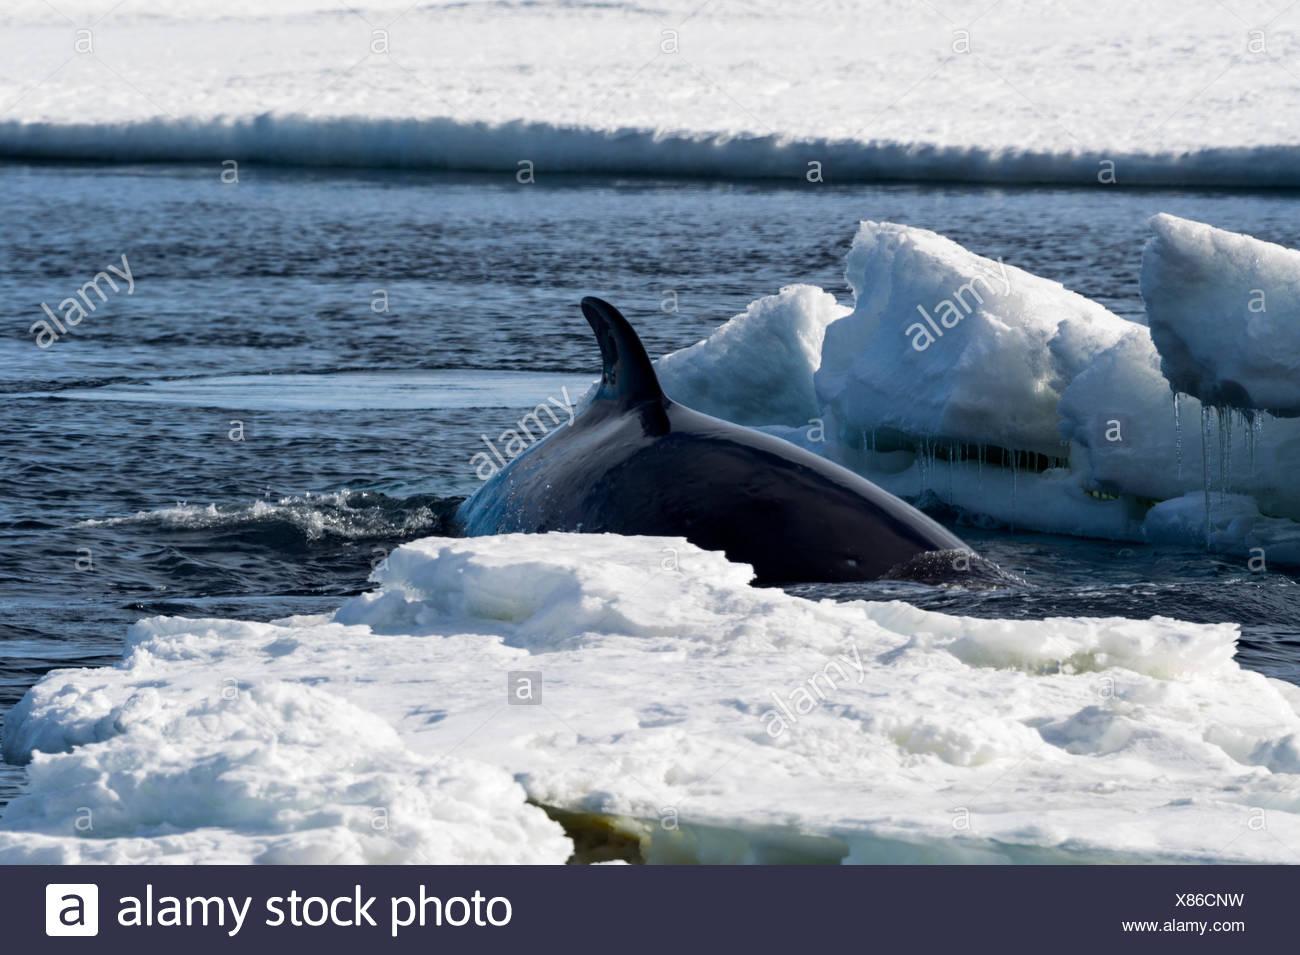 La nageoire dorsale d'un petit rorqual nager dans un trou dans la glace de mer. Photo Stock